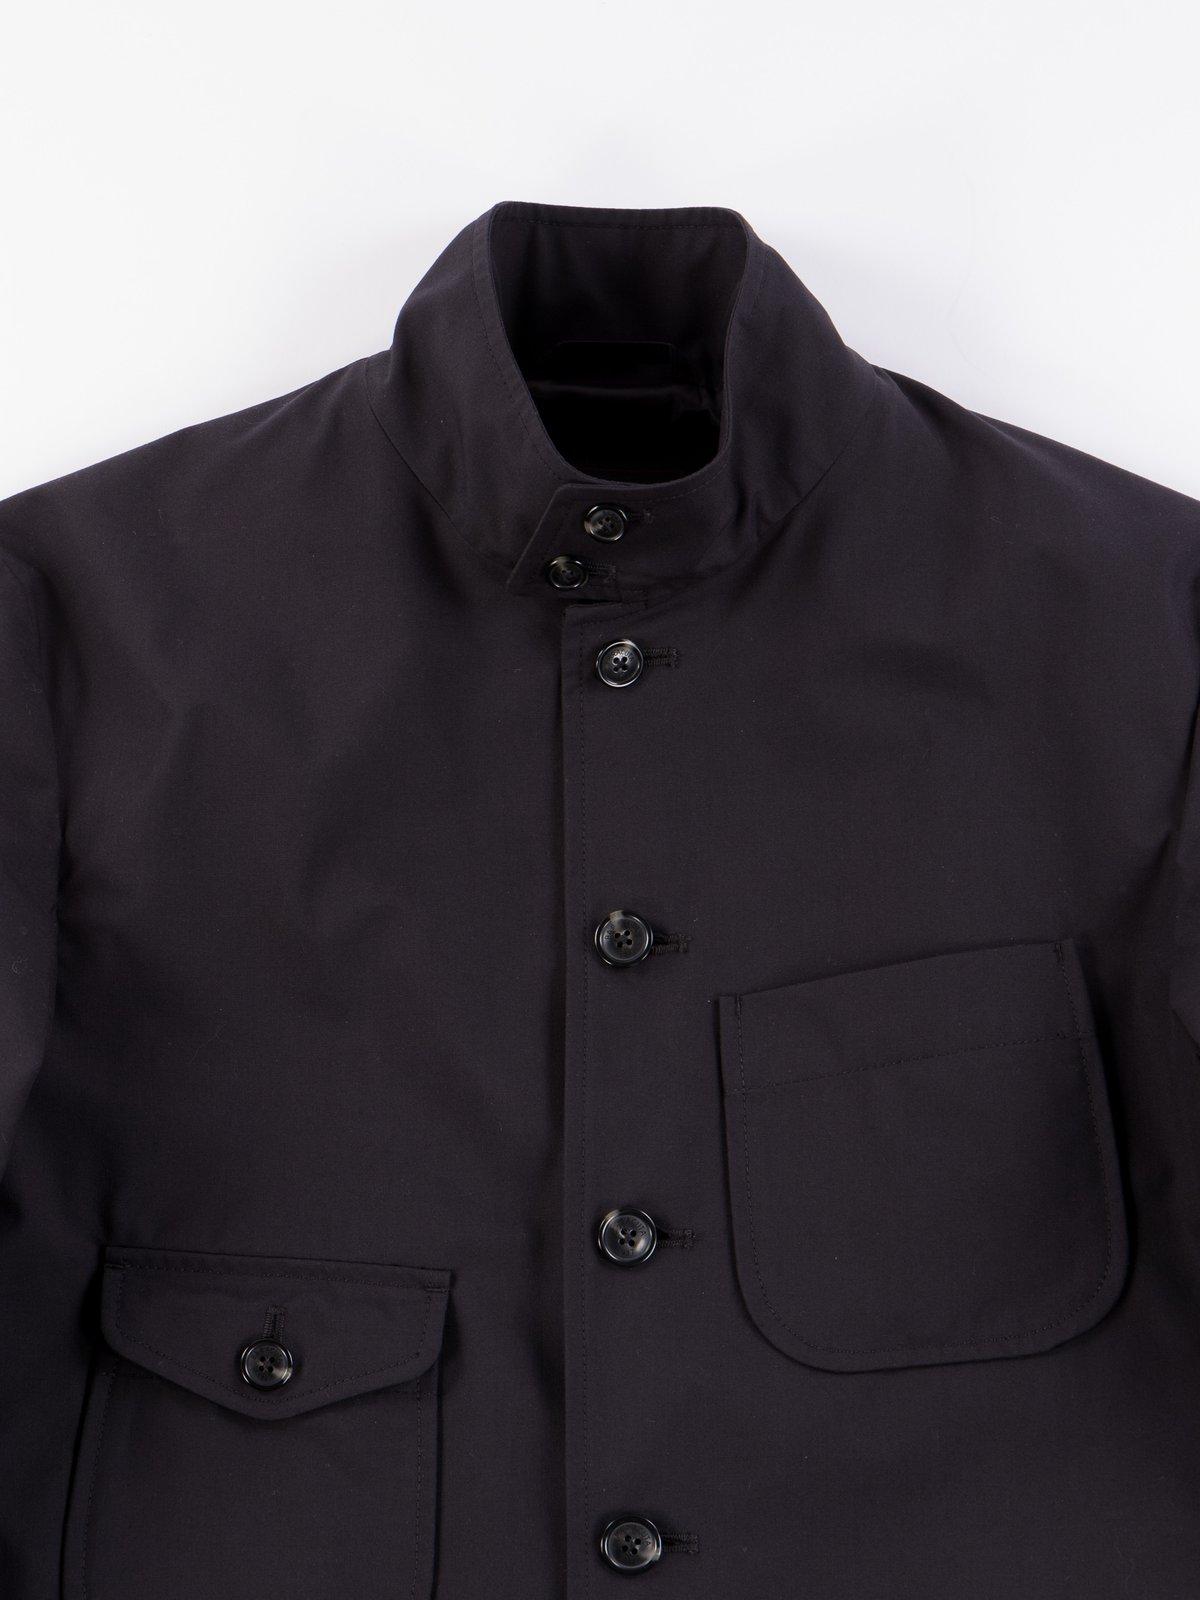 Black Structured EG Blazer - Image 4